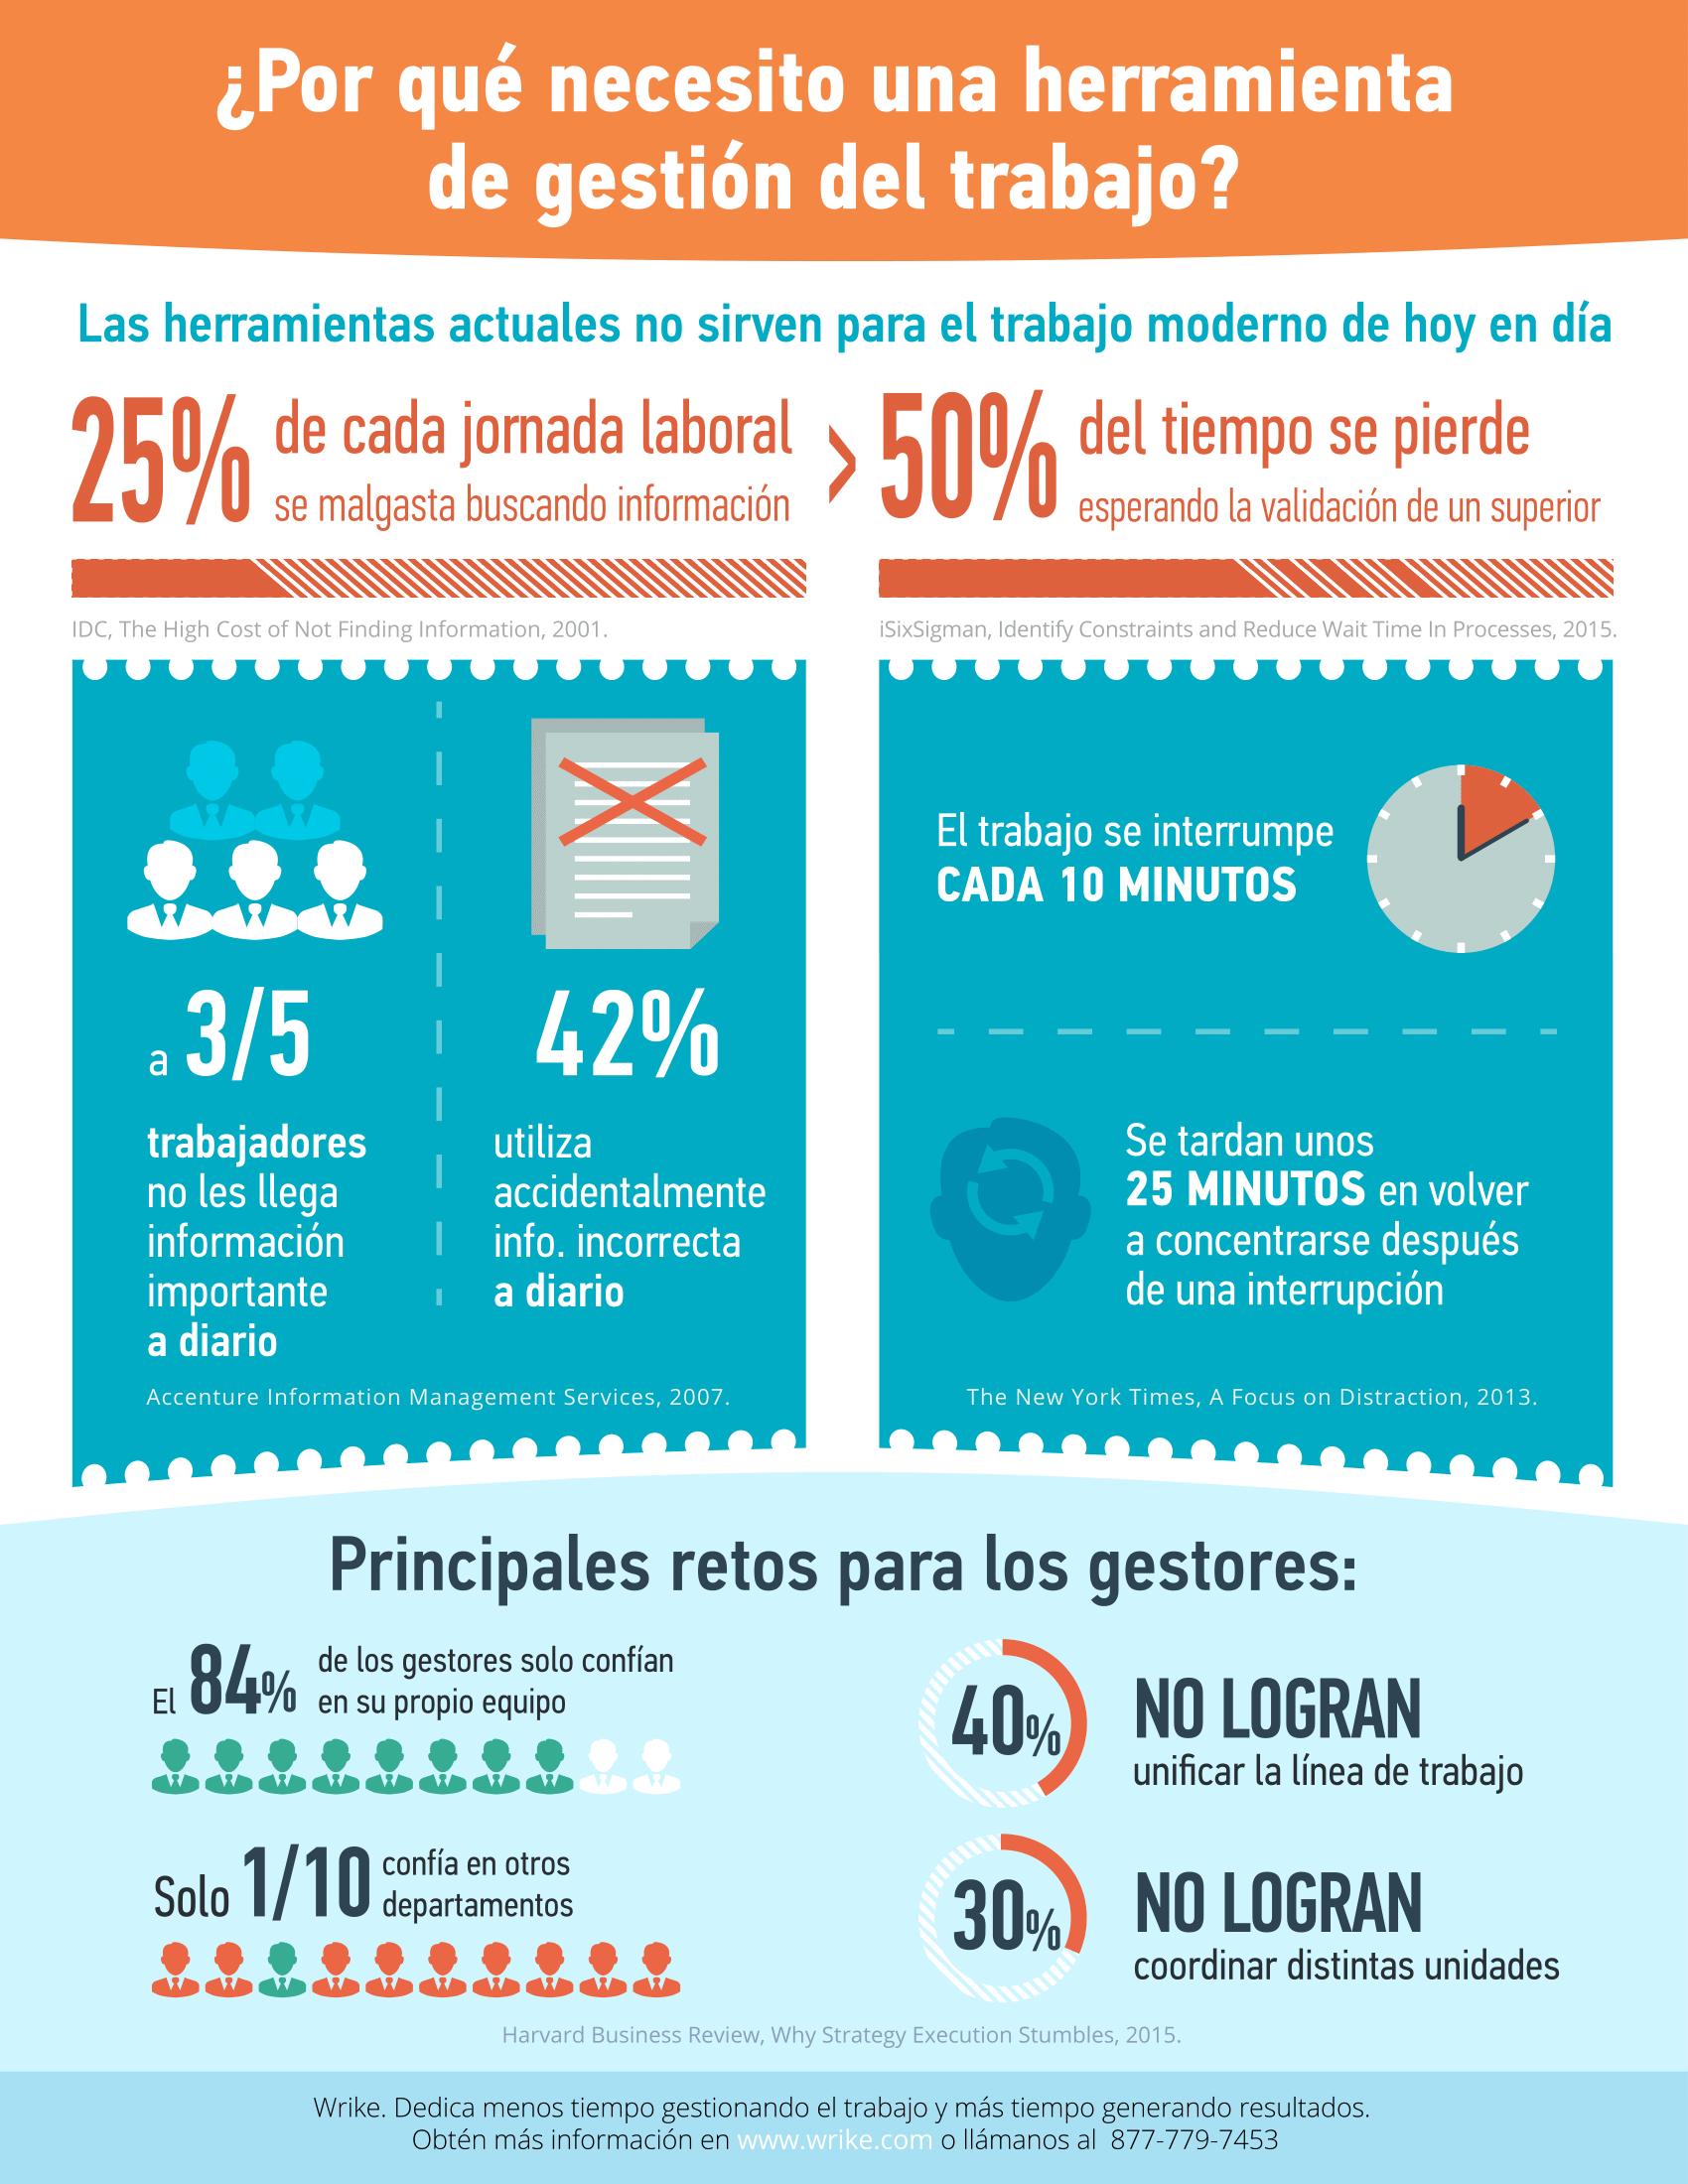 Por qué usar herramientas de gestión (Infografía)